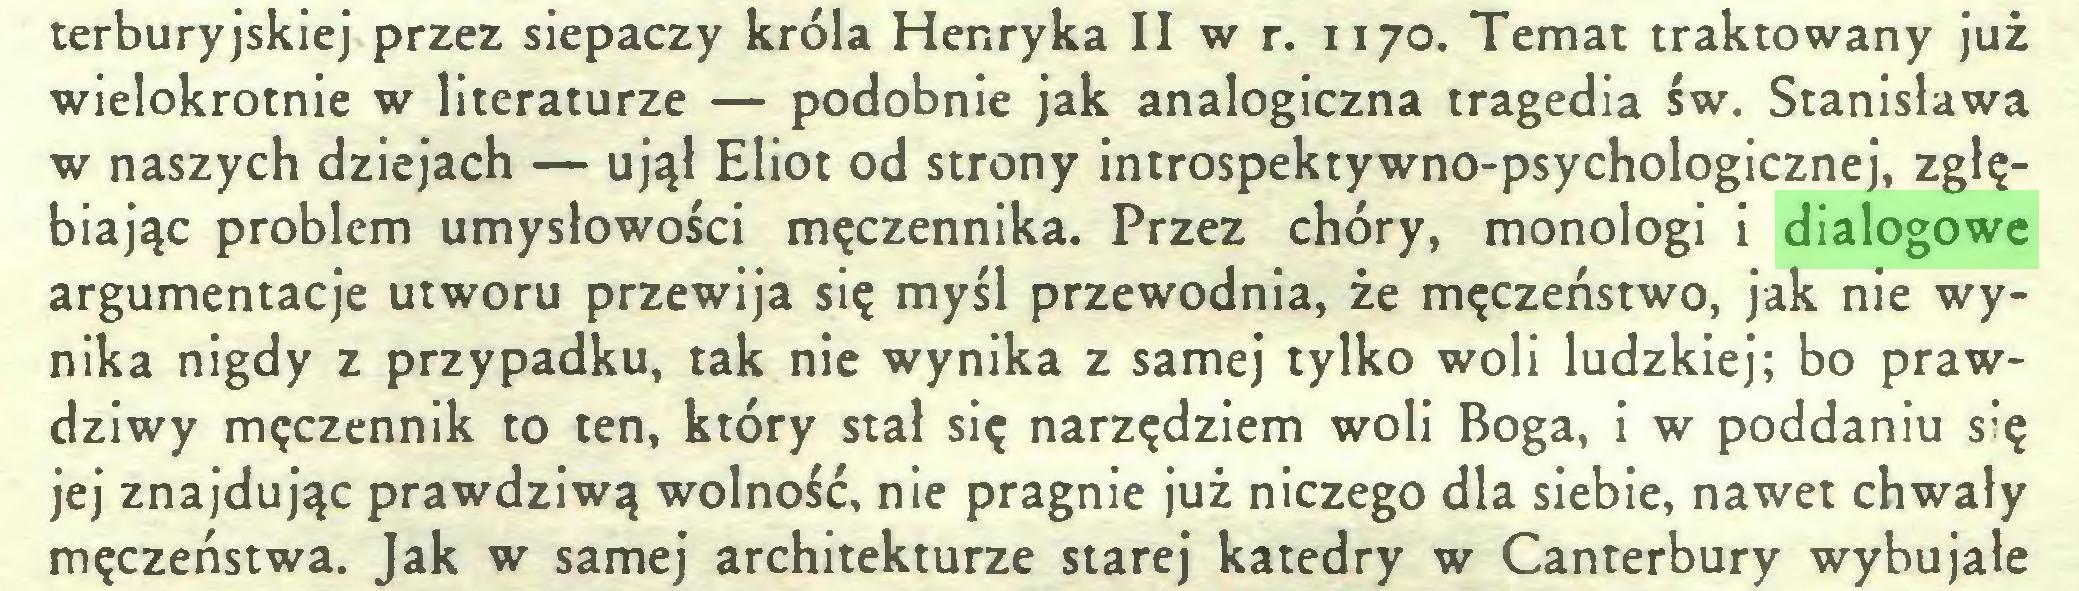 (...) terburyjskiej przez siepaczy króla Henryka II w r. 1170. Temat traktowany już wielokrotnie w literaturze — podobnie jak analogiczna tragedia św. Stanisława w naszych dziejach — ujął Eliot od strony introspektywno-psychologicznej, zgłębiając problem umysłowości męczennika. Przez chóry, monologi i dialogowe argumentacje utworu przewija się myśl przewodnia, że męczeństwo, jak nie wynika nigdy z przypadku, tak nie wynika z samej tylko woli ludzkiej; bo prawdziwy męczennik to ten, który stał się narzędziem woli Boga, i w poddaniu się jej znajdując prawdziwą wolność, nie pragnie już niczego dla siebie, nawet chwały męczeństwa. Jak w samej architekturze starej katedry w Canterbury wybujałe...